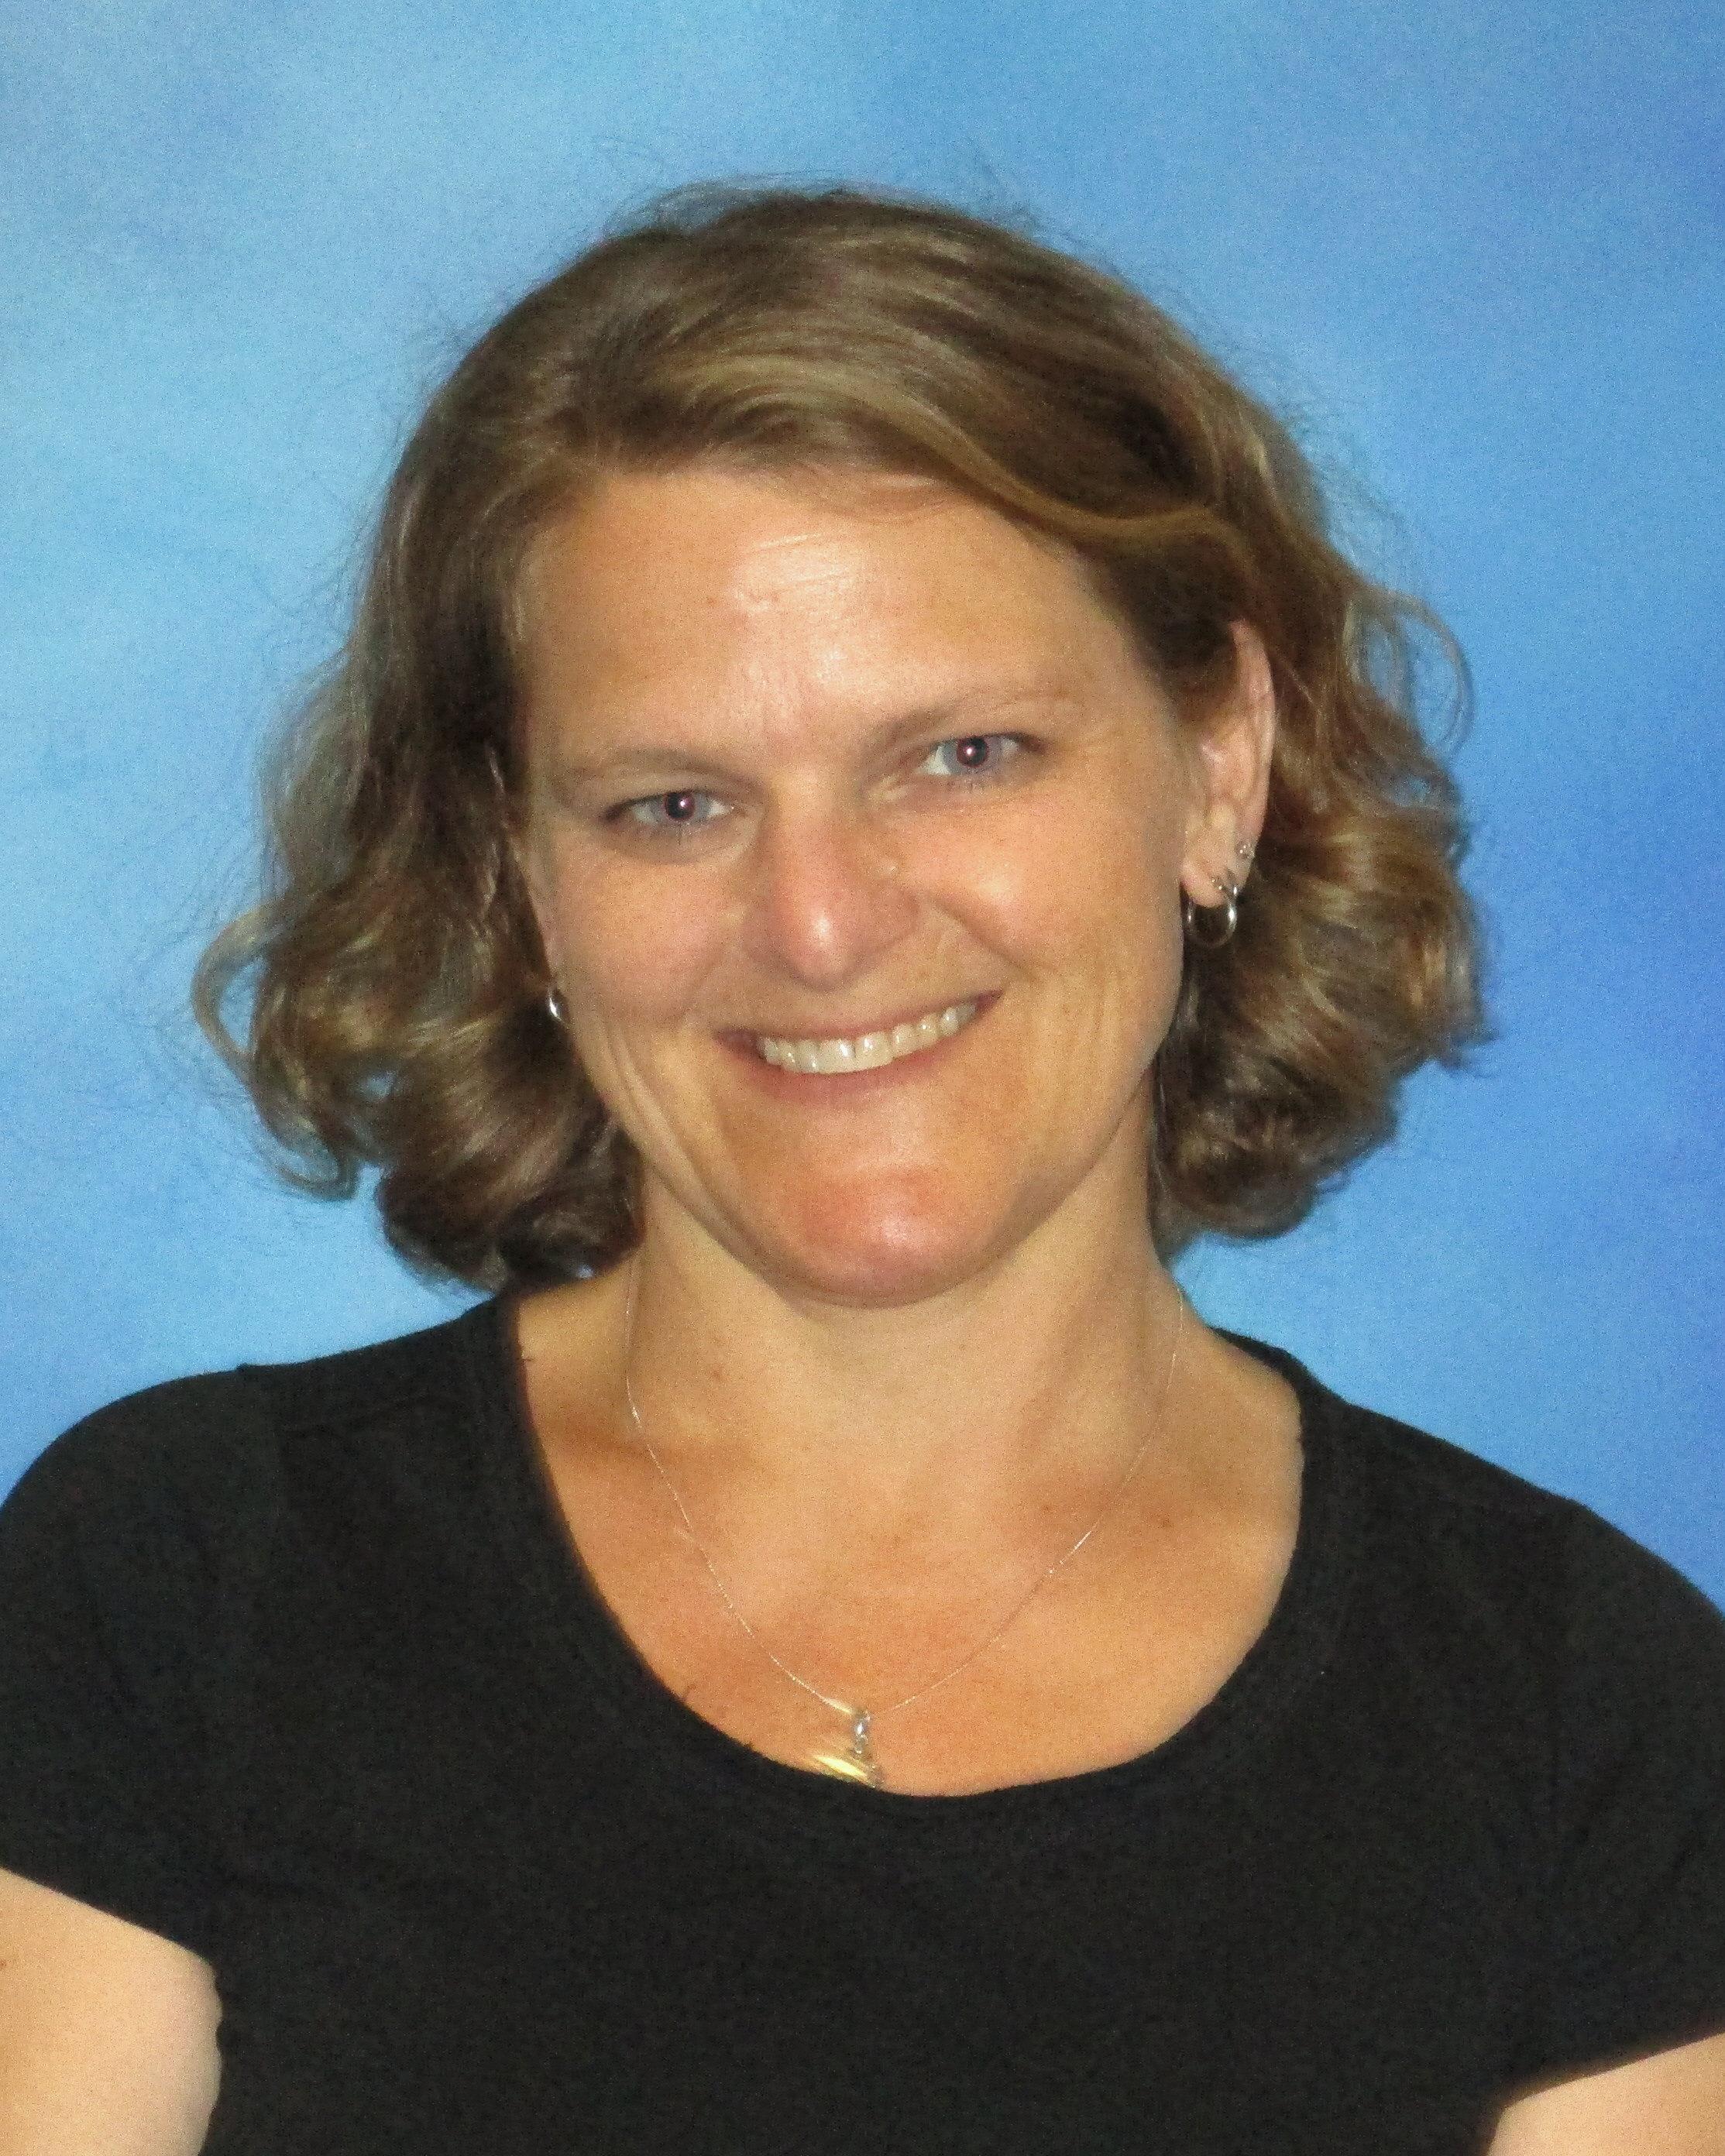 Picture of Rachel Fern